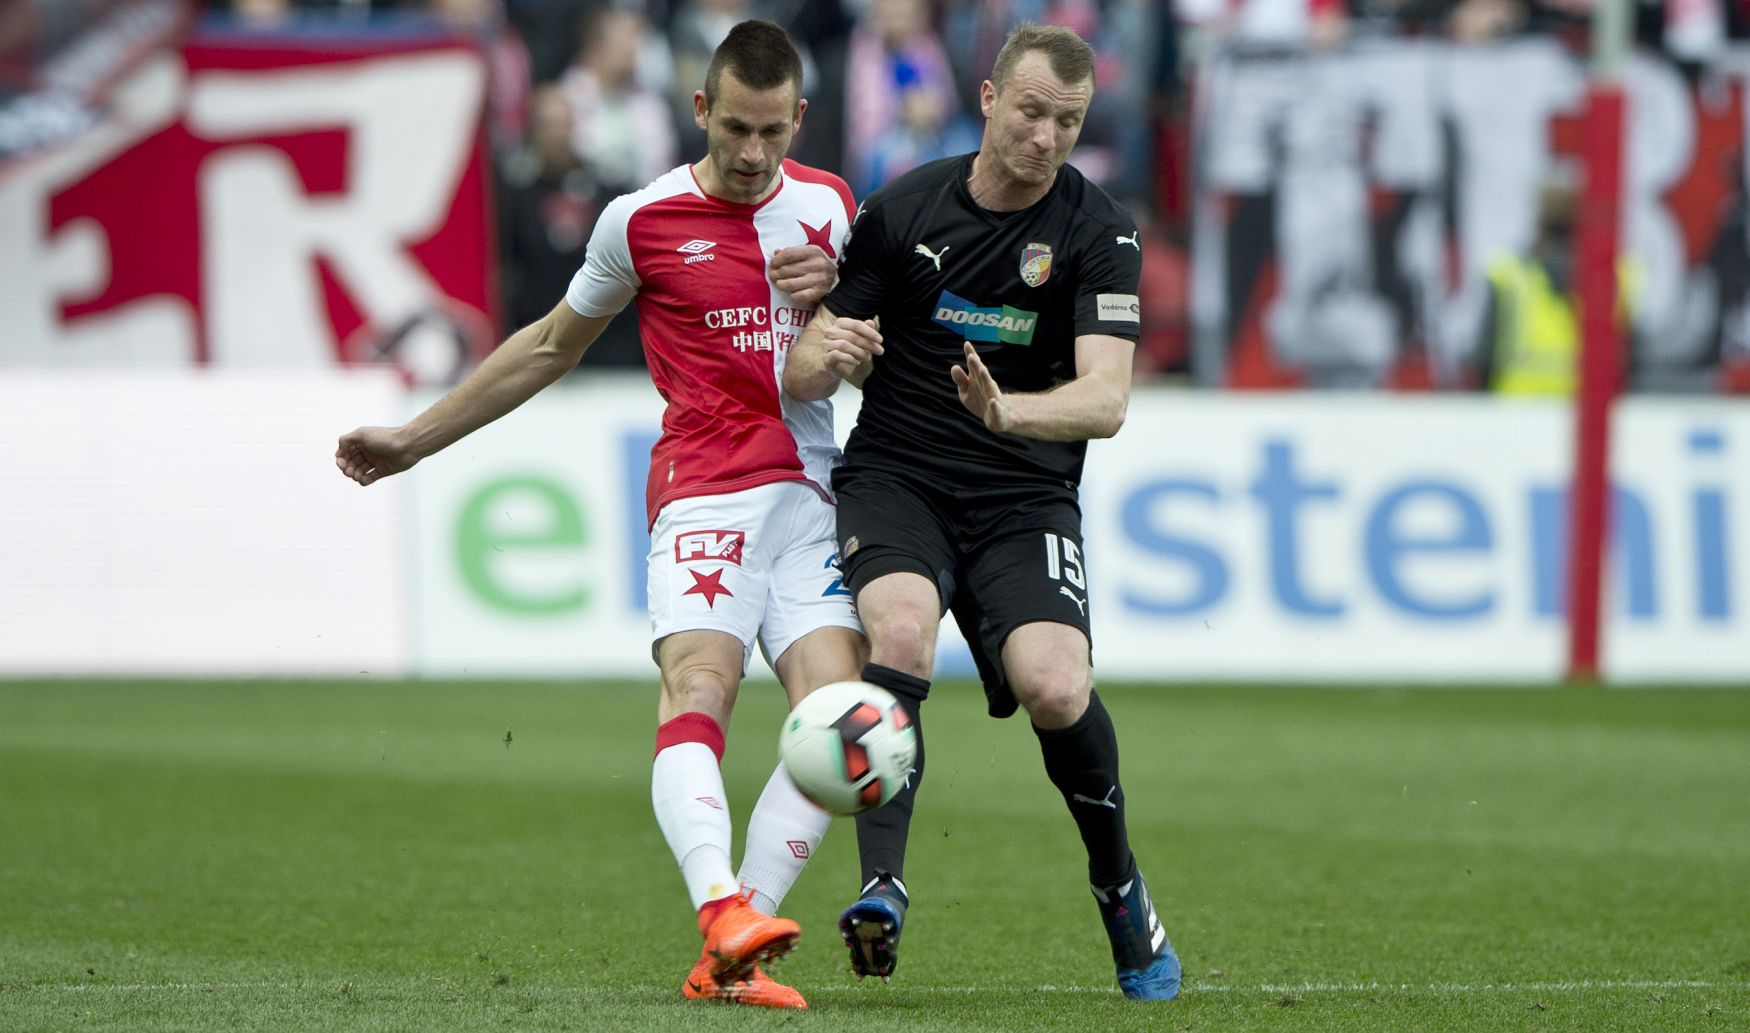 El Slavia Doblega Al Pilsen Y Se Acerca Al Título Liguero